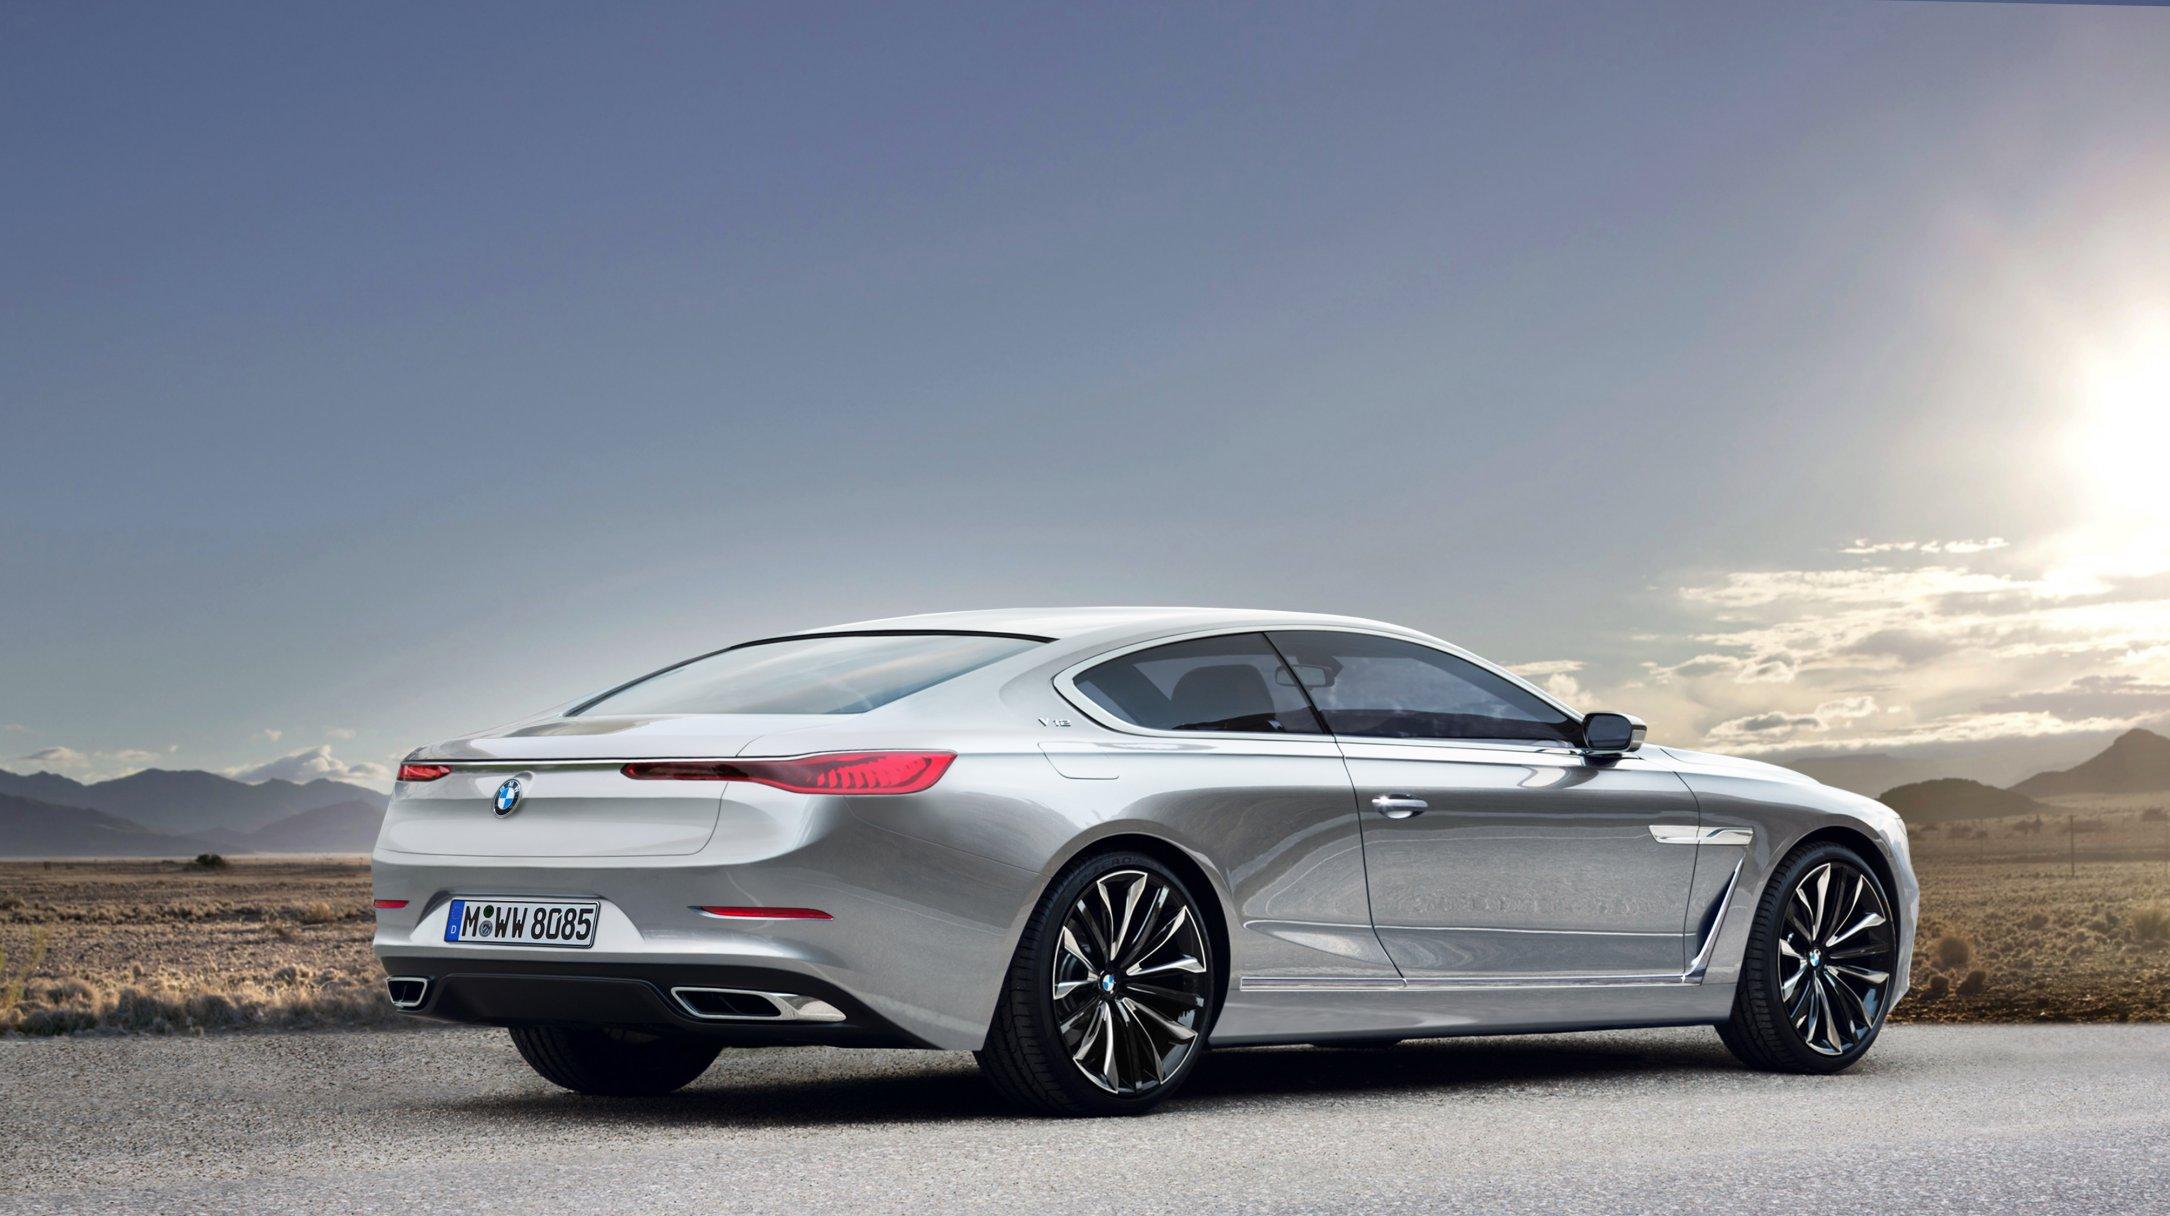 BMW 8 Serie Computerillustratie Schulte Design - Autovisie.nl